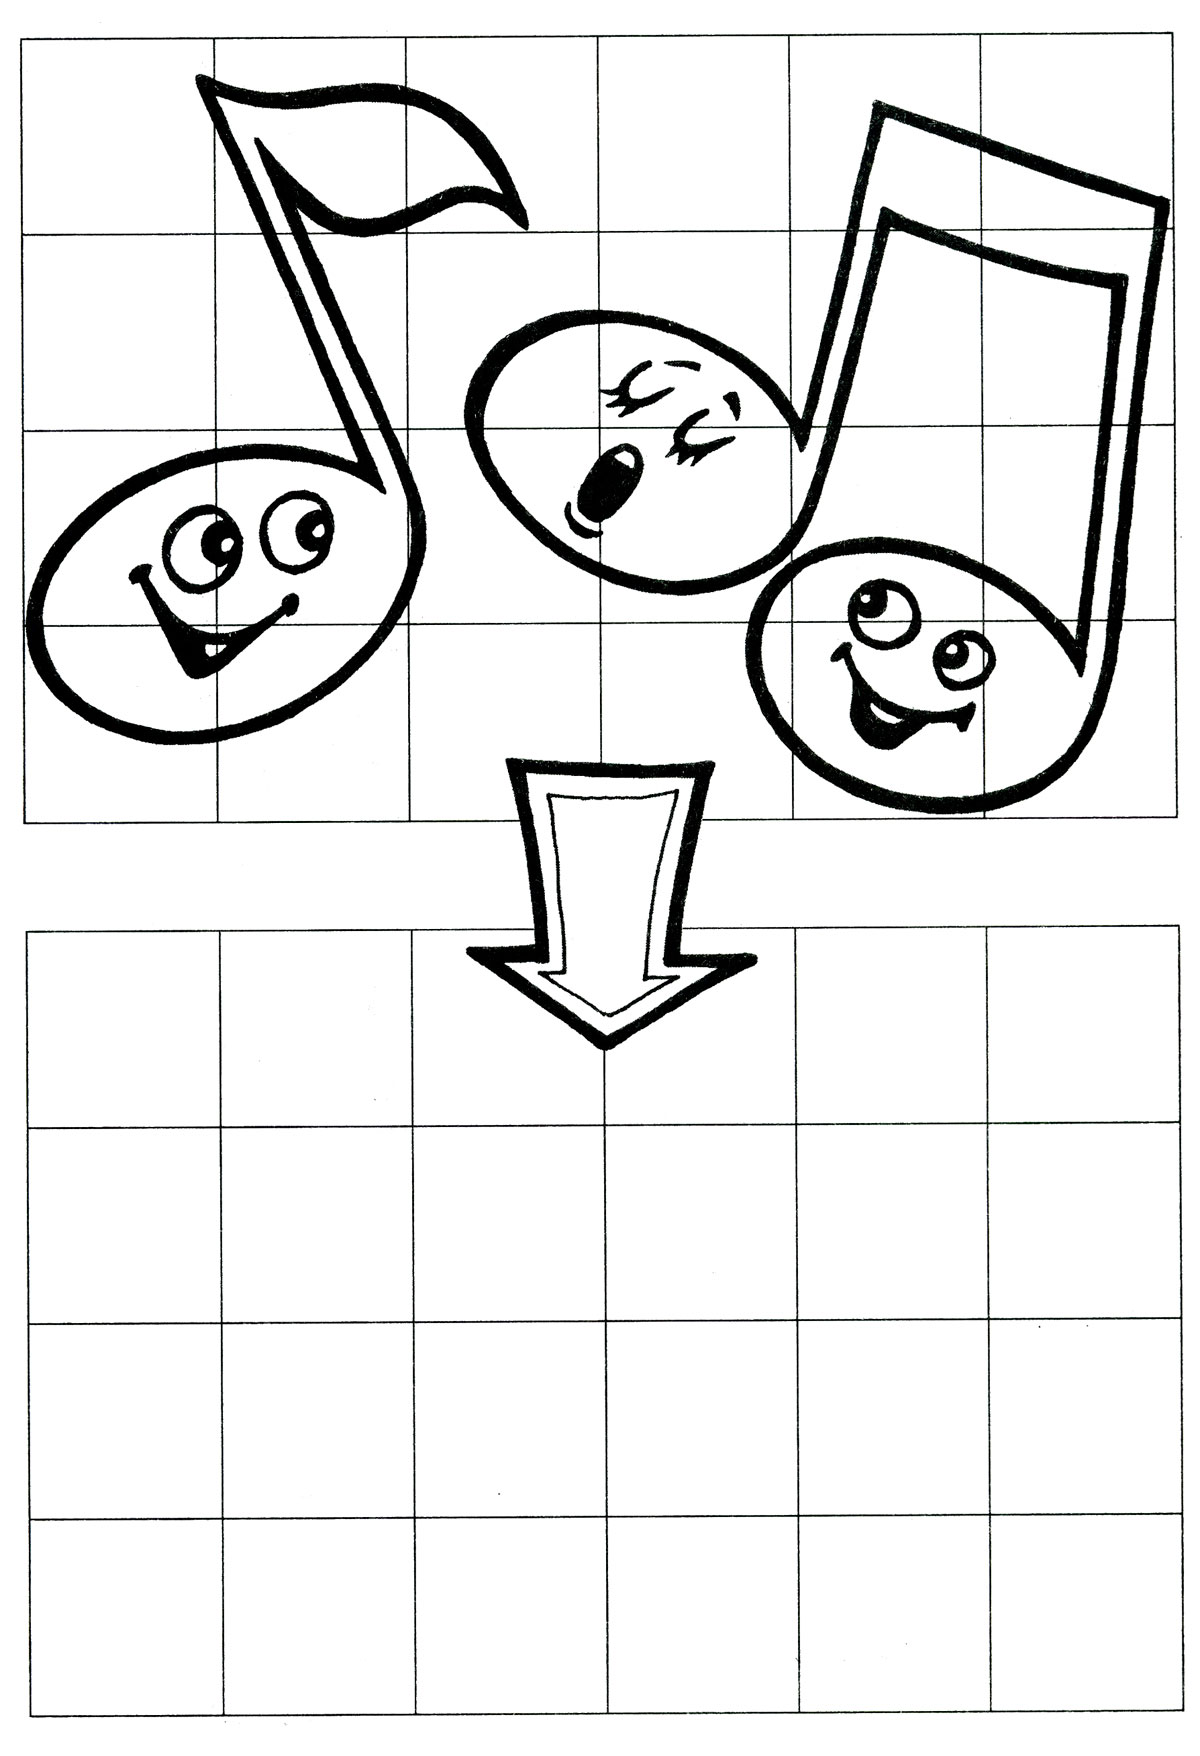 По клеточкам рисование для ребёнка